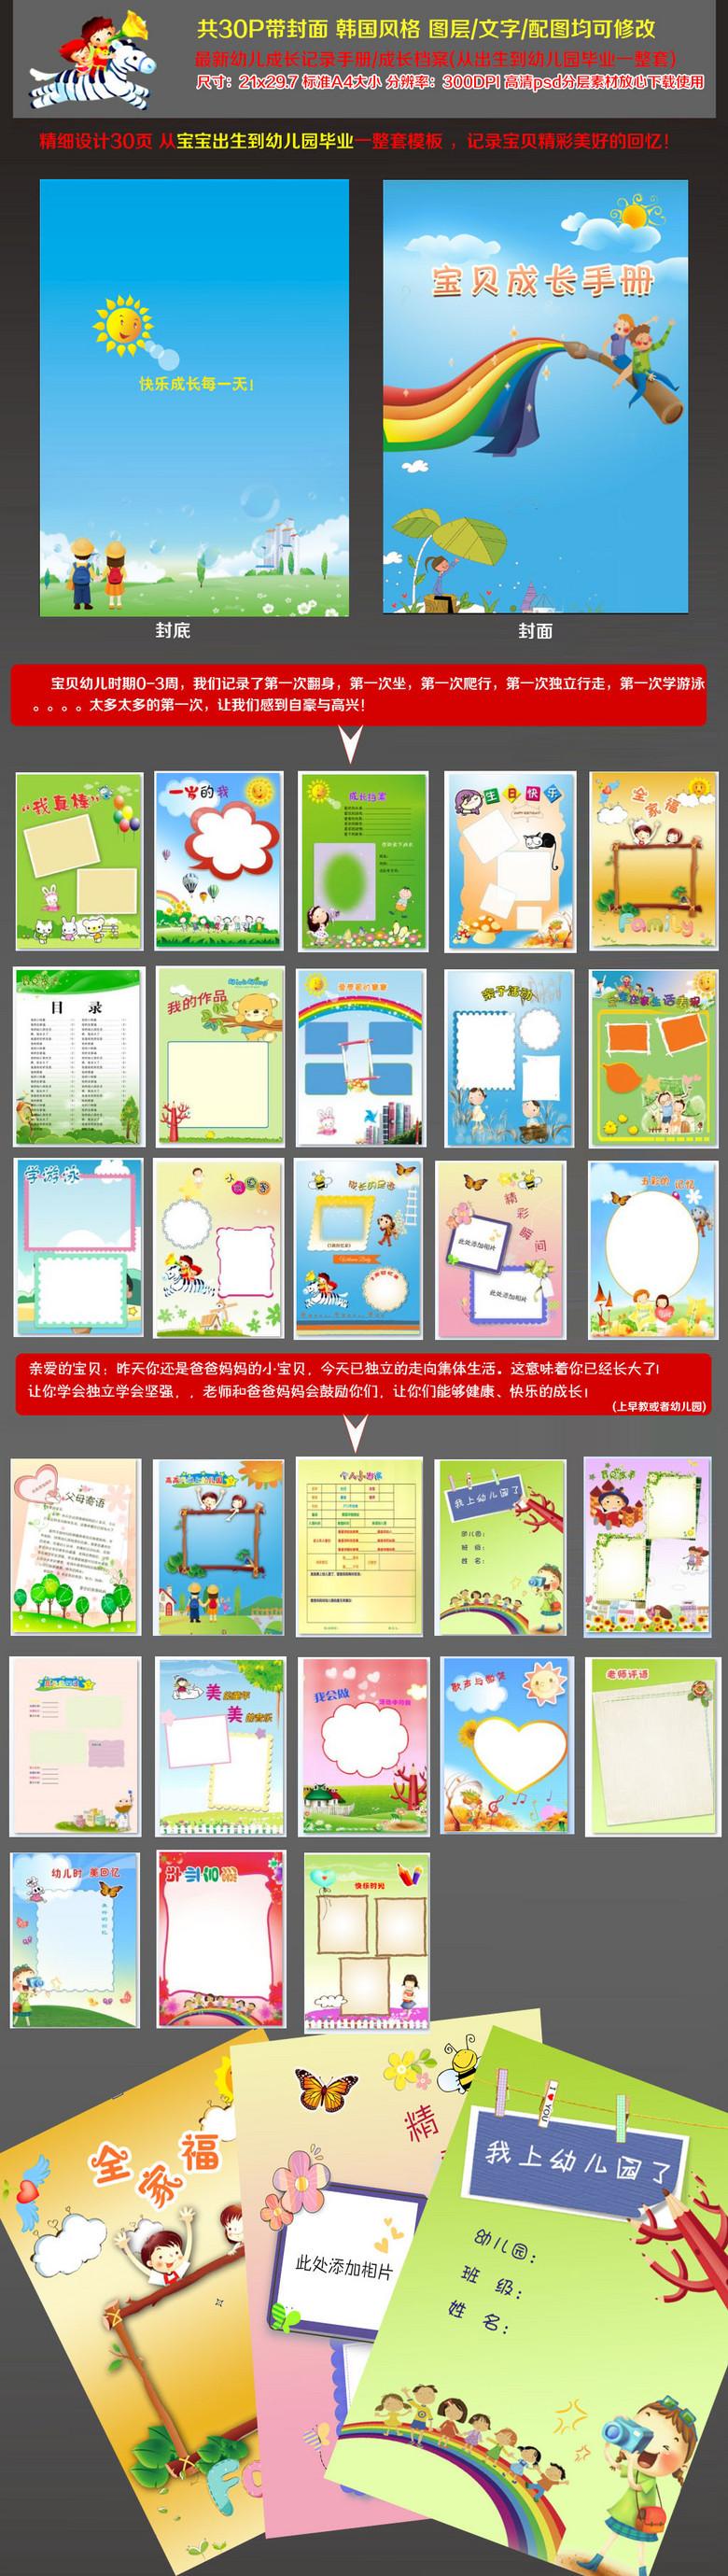 记录手册_幼儿成长档案记录手册模板